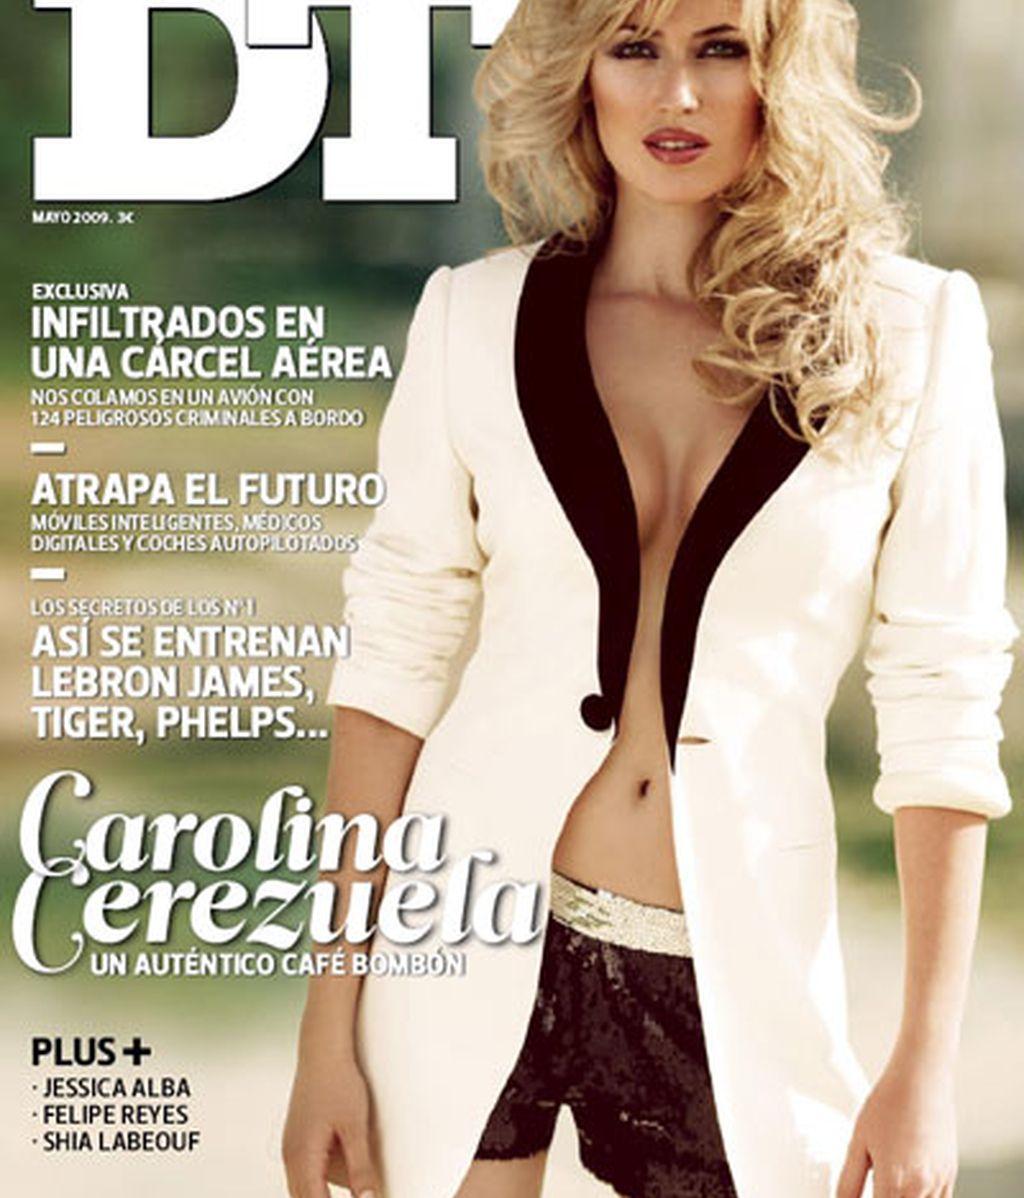 Carolina Cerezuela, sensualidad en DT